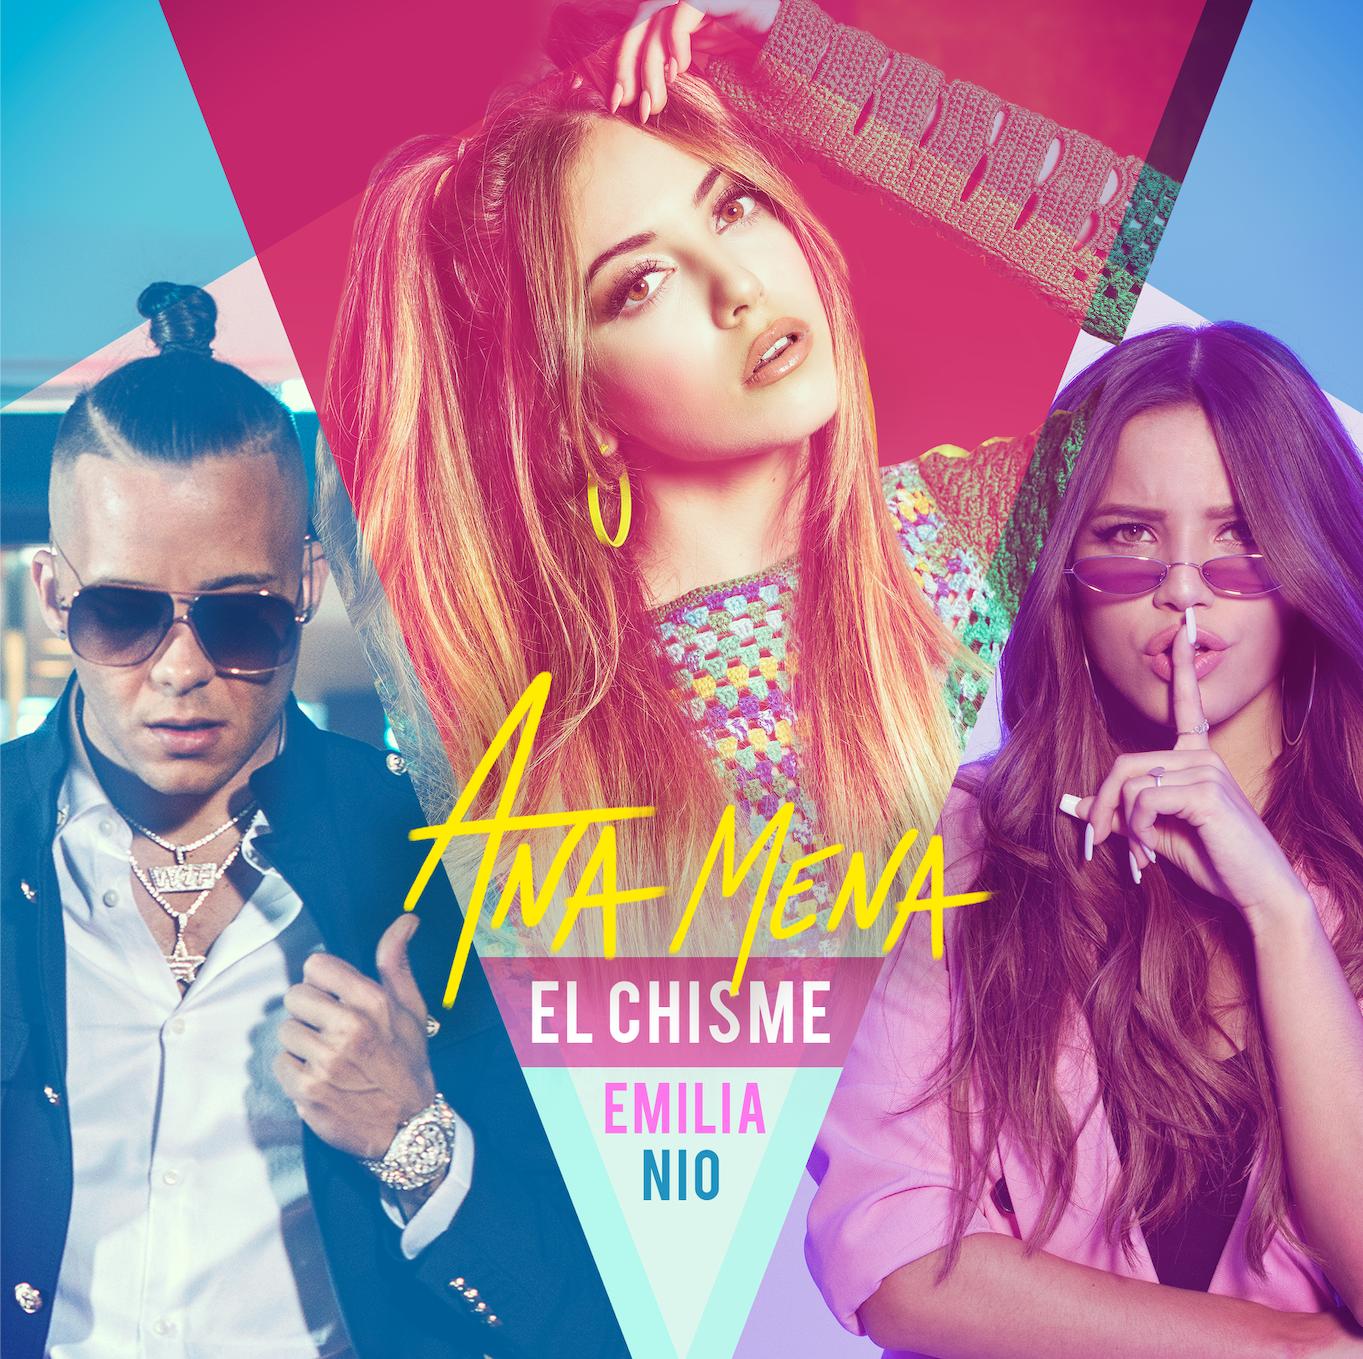 """Ana Mena publica su nuevo single y vídeo: """"El chisme"""" con Emilia y Nio García"""